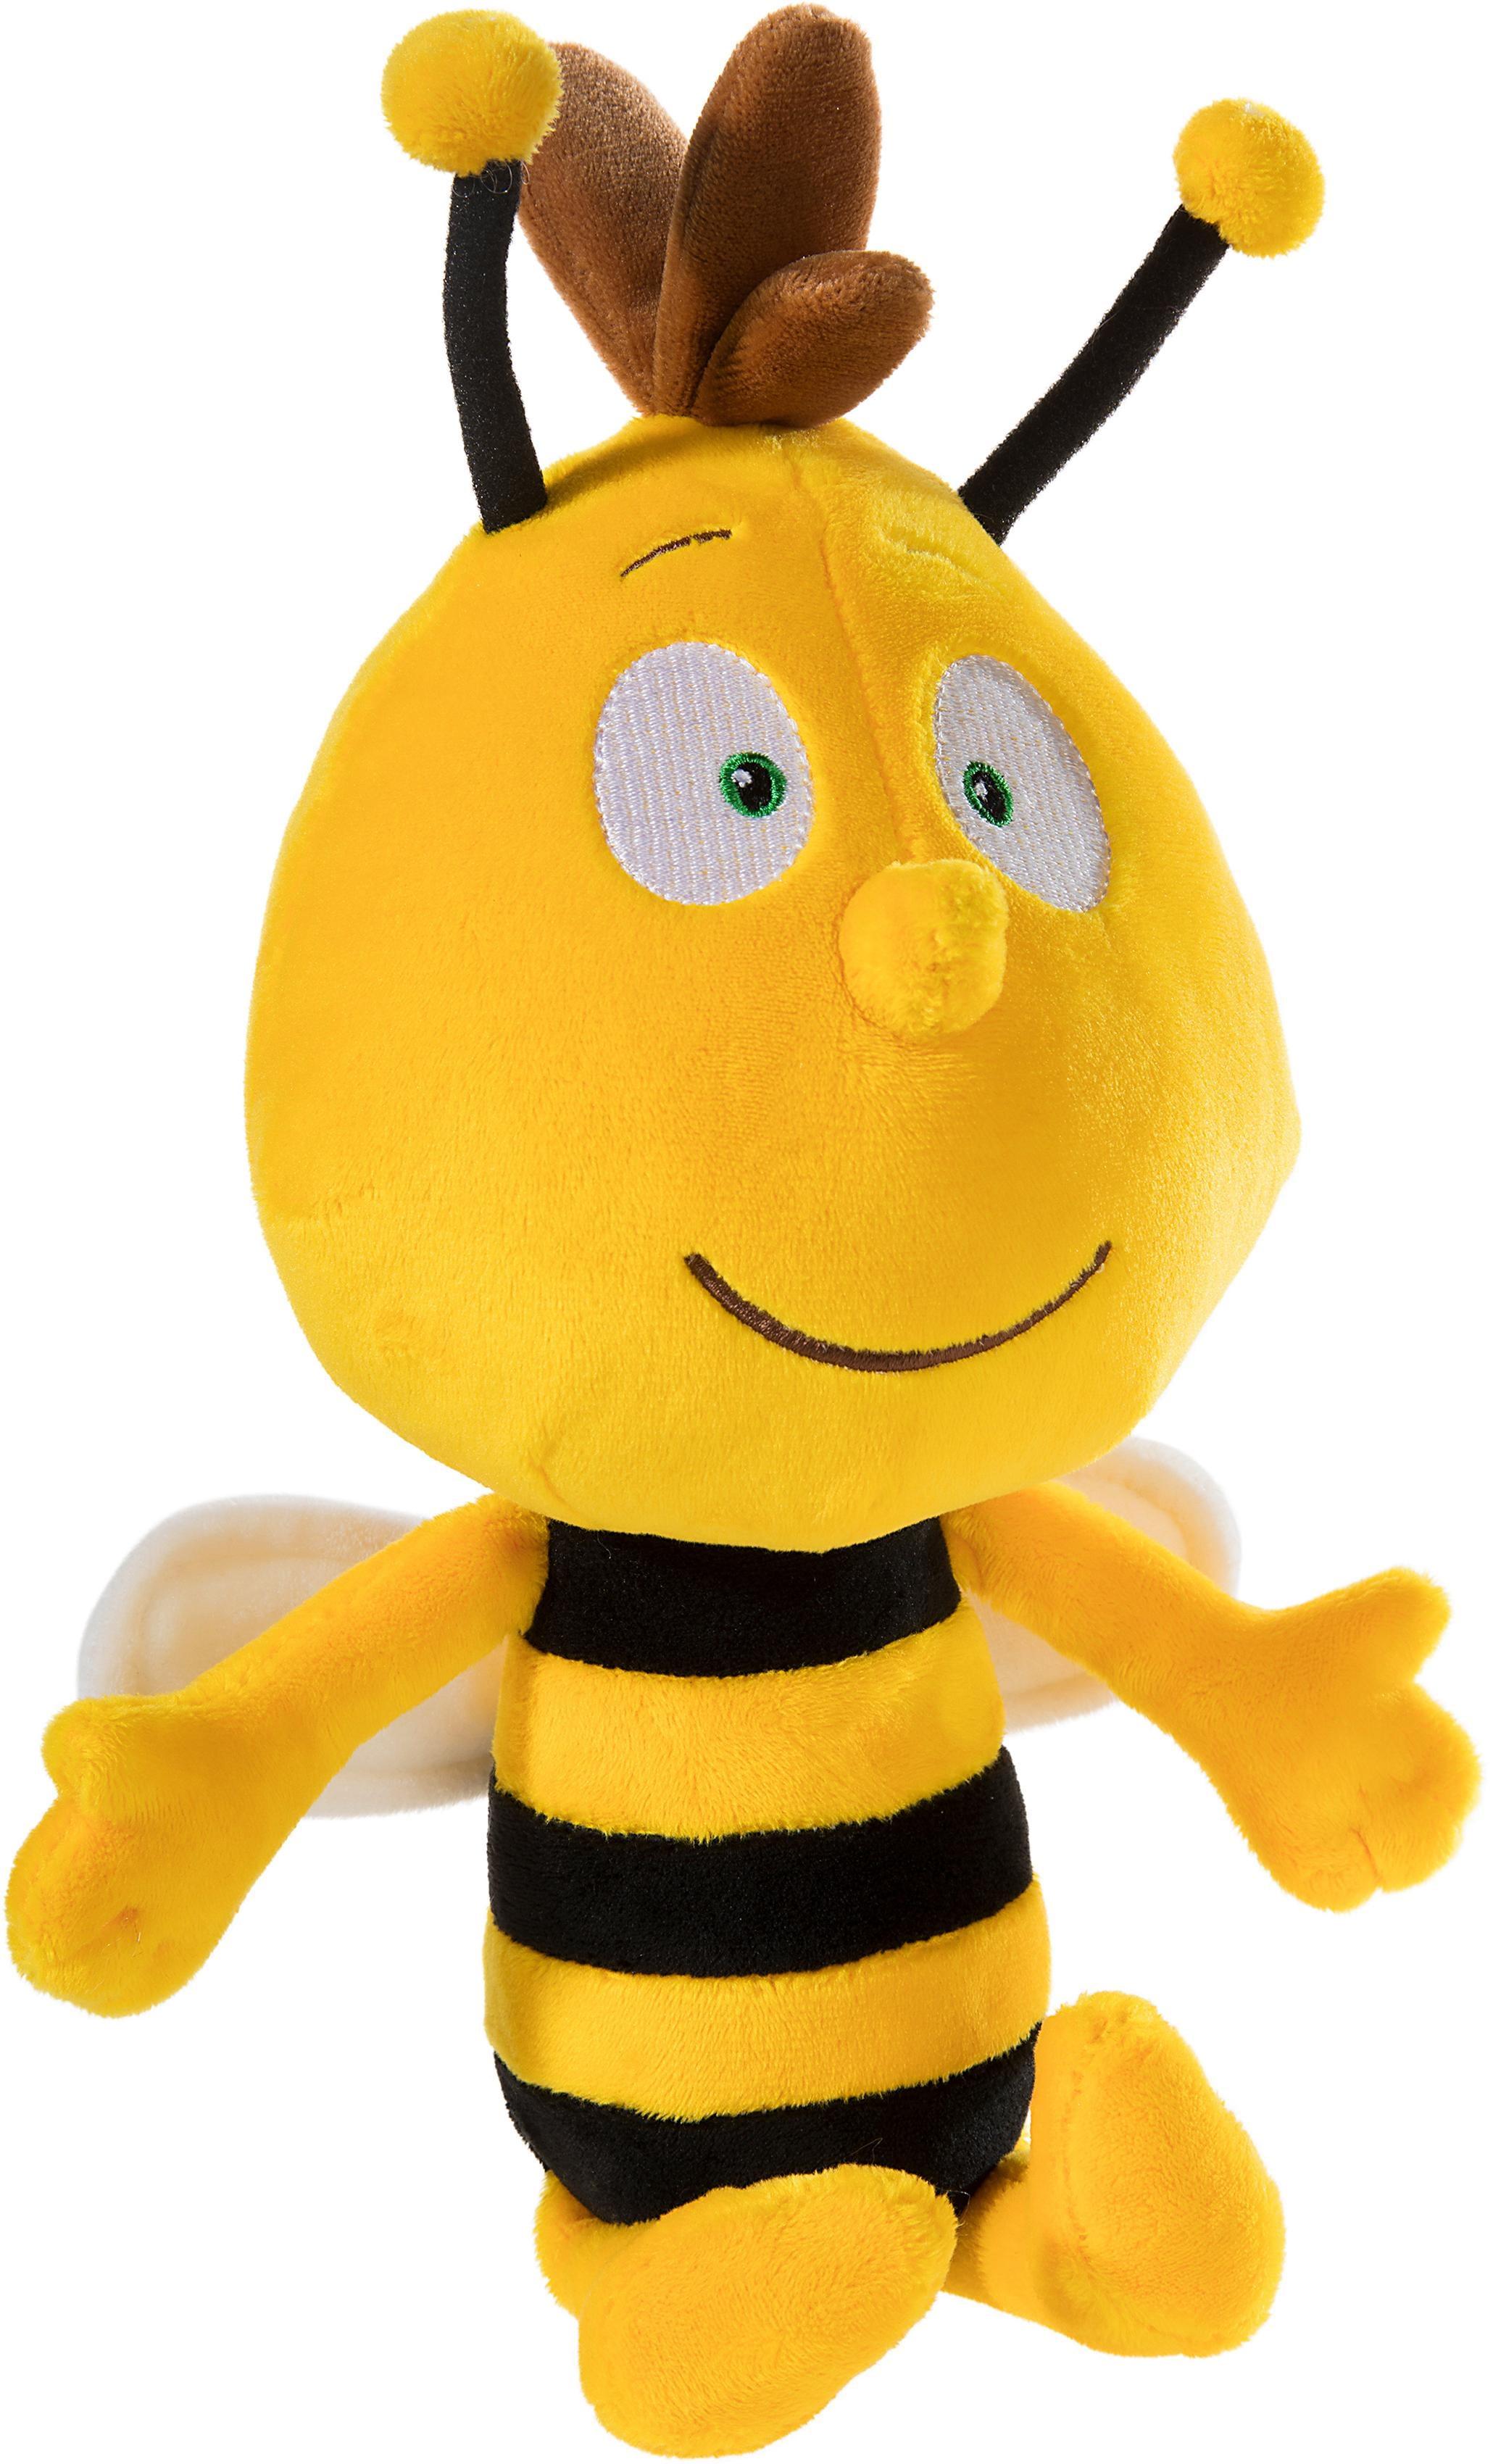 """Heunec Plüschfigur """"Biene Willi 30 cm"""" Kindermode/Spielzeug/Kuschel- & Plüschtiere/Plüschtiere"""